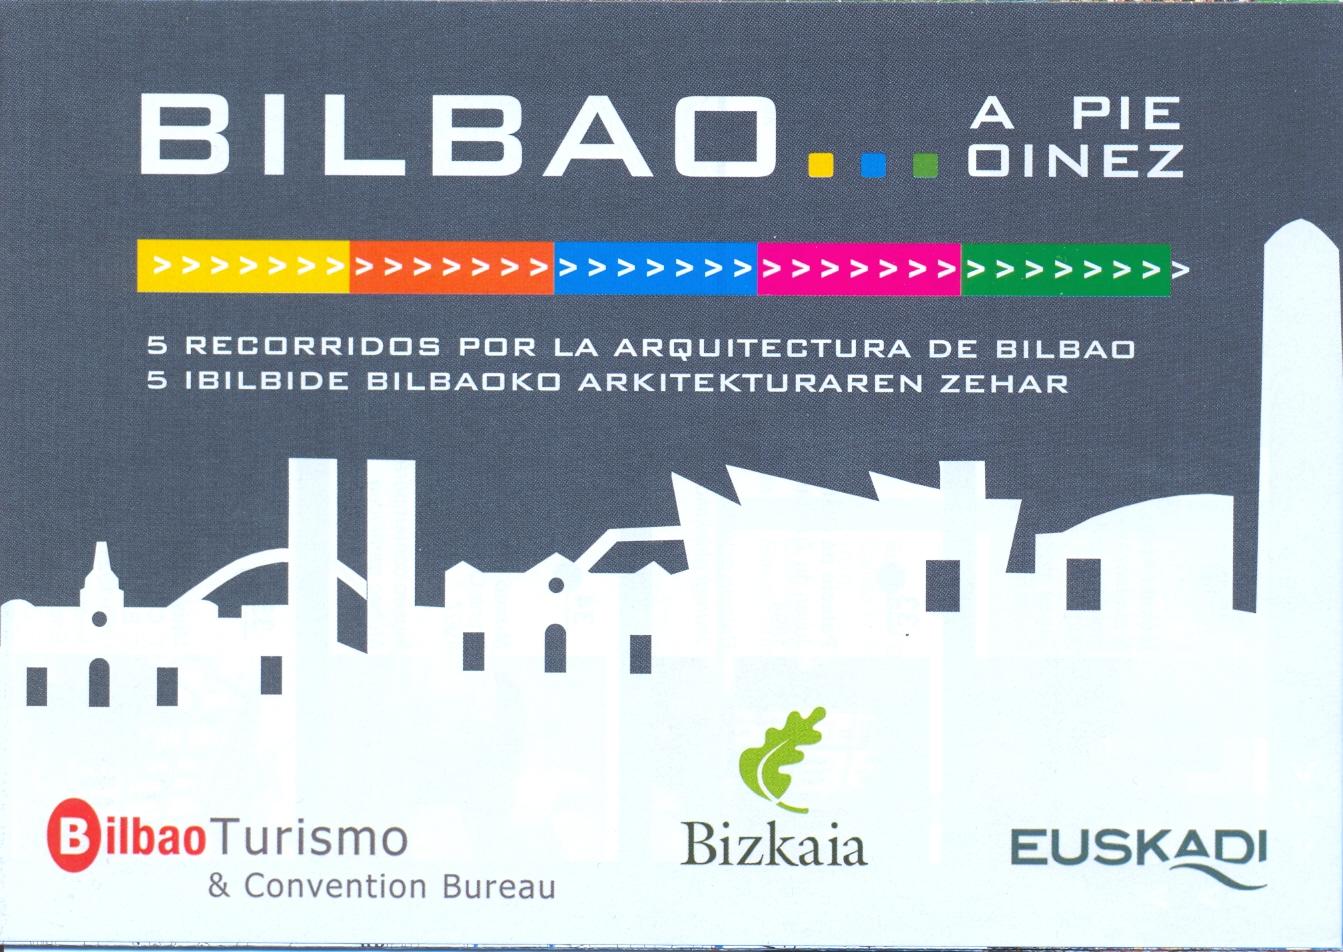 Biblioarkibiz conocer la arquitectura de bilbao ii for Oficinas turismo bilbao